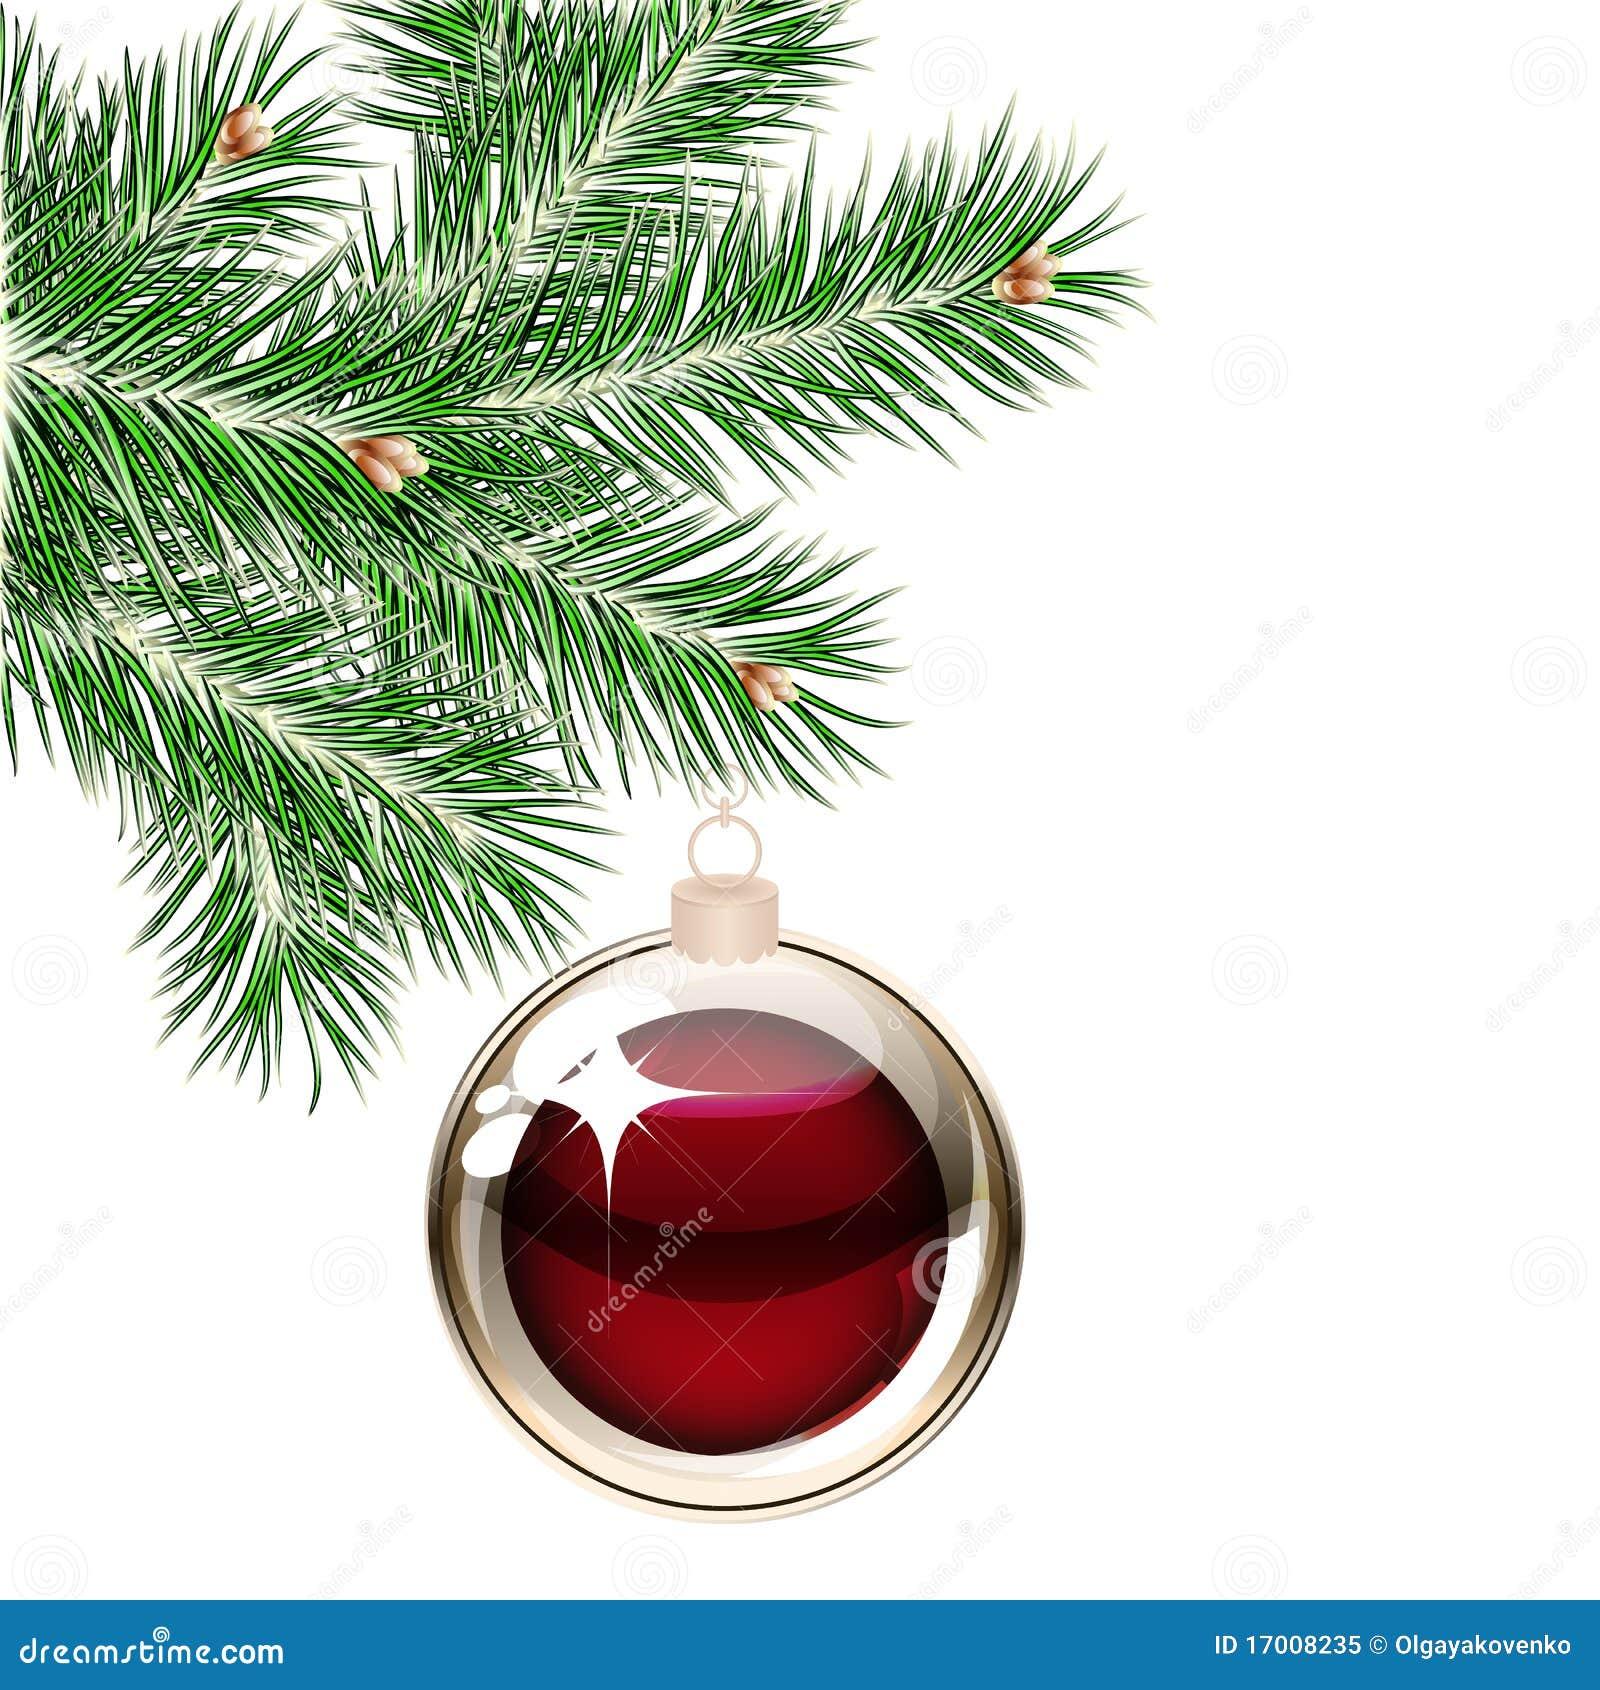 Rbol de navidad y bolas transparentes ilustraci n del vector imagen 17008235 - Bolas navidad transparentes ...